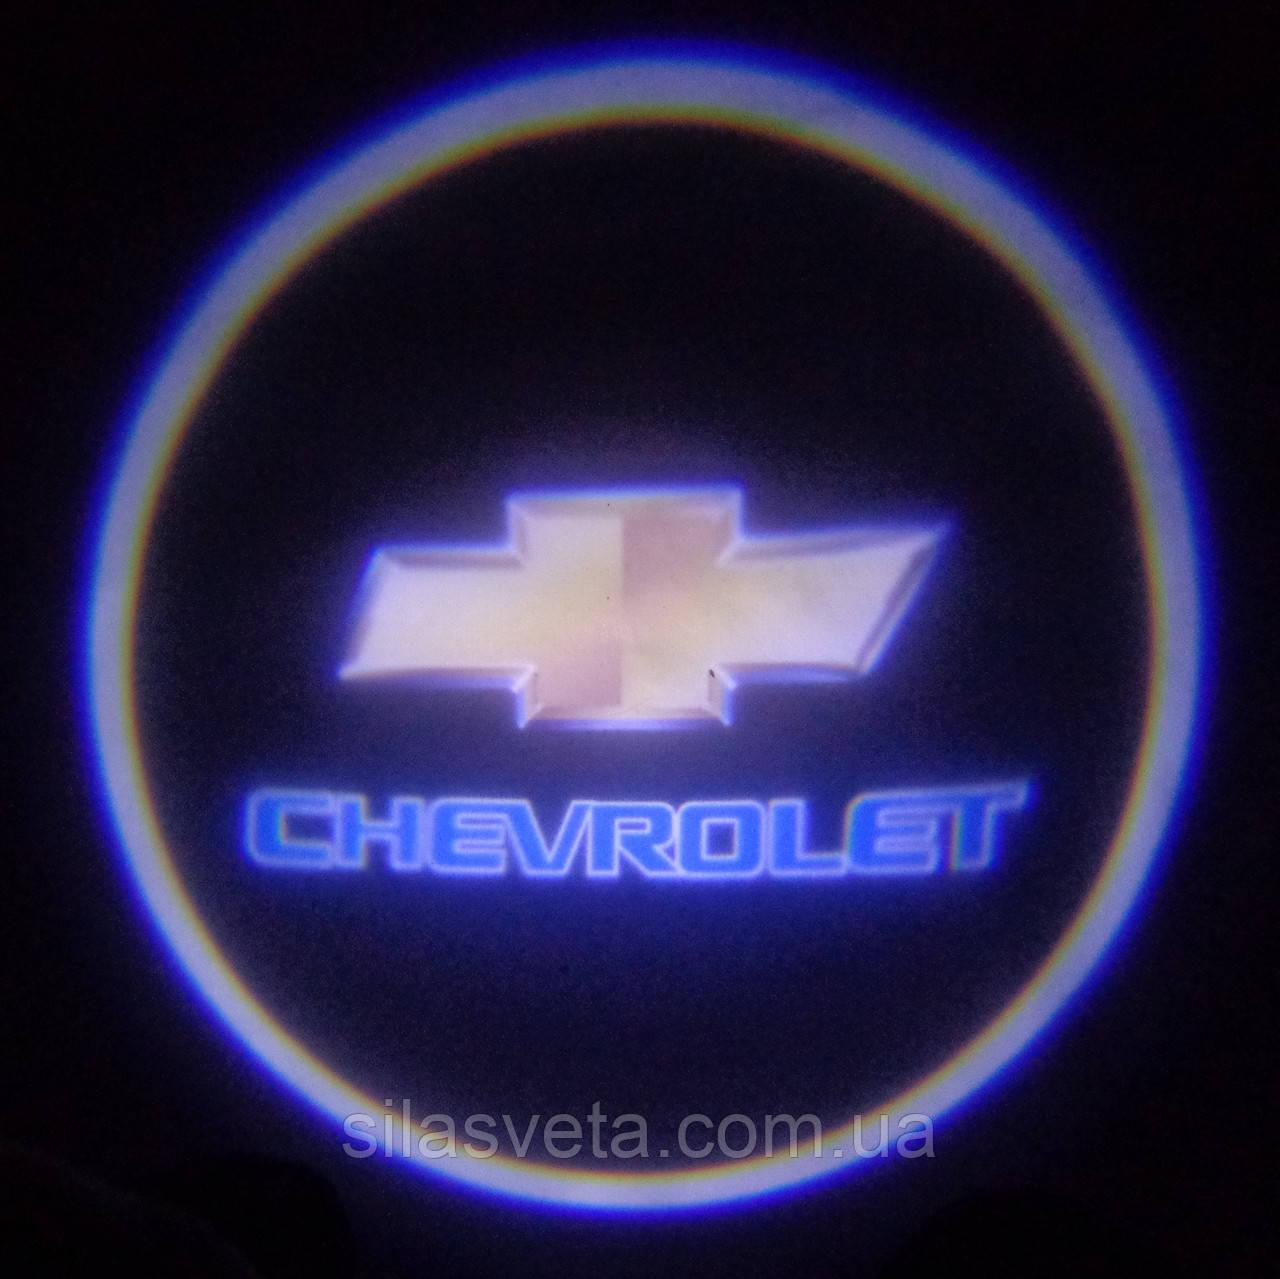 Лазерный проектор логотипа автомобиля CHEVROLET